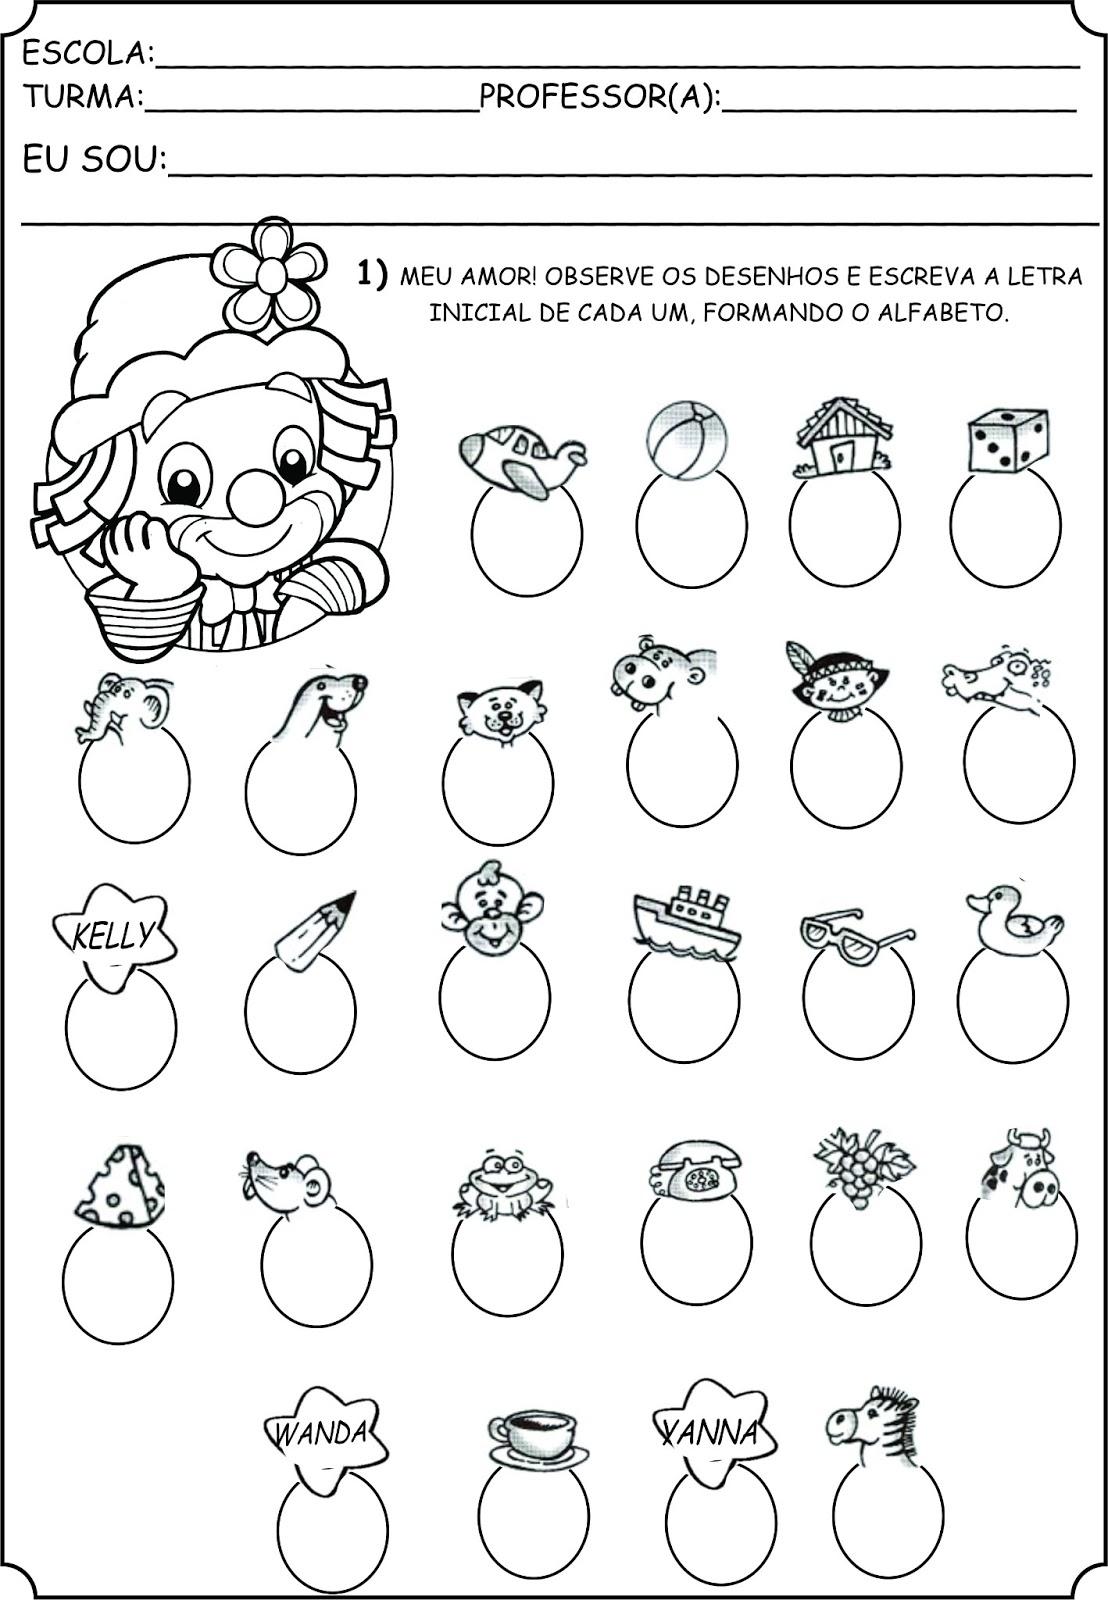 Excepcional Atividades alfabeto - A Arte de Ensinar e Aprender UF34